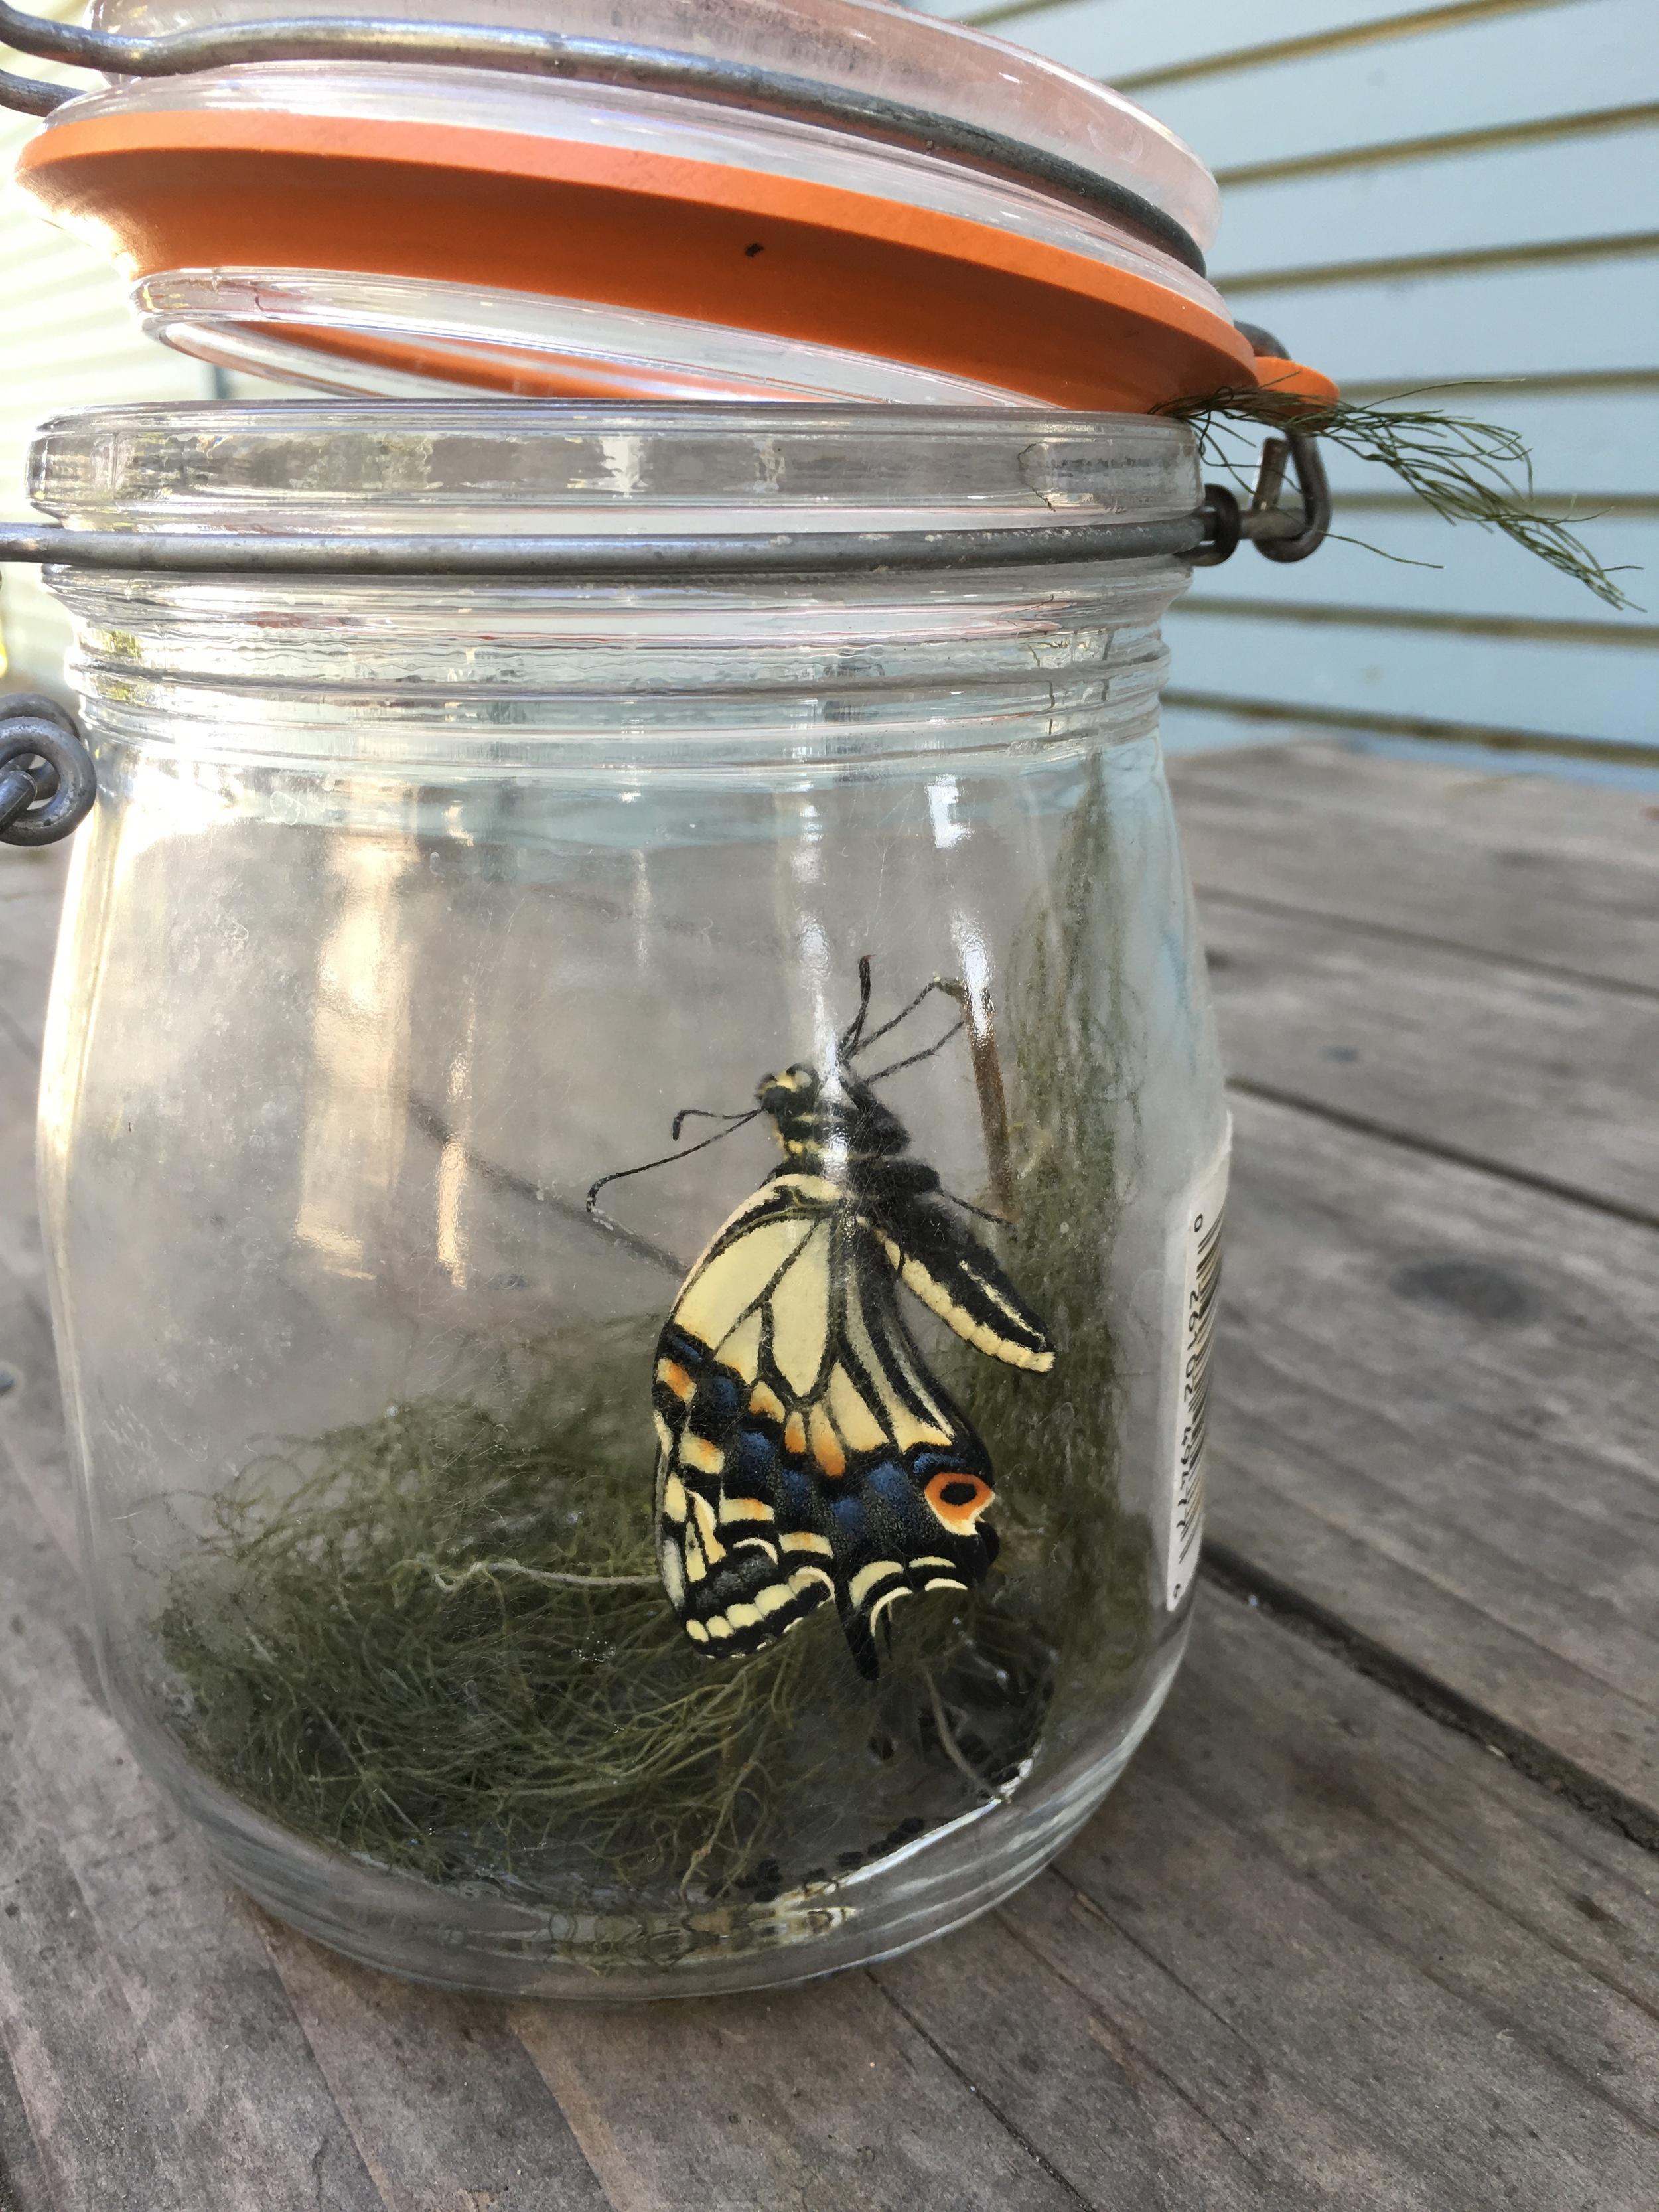 butterfly metamorphasis